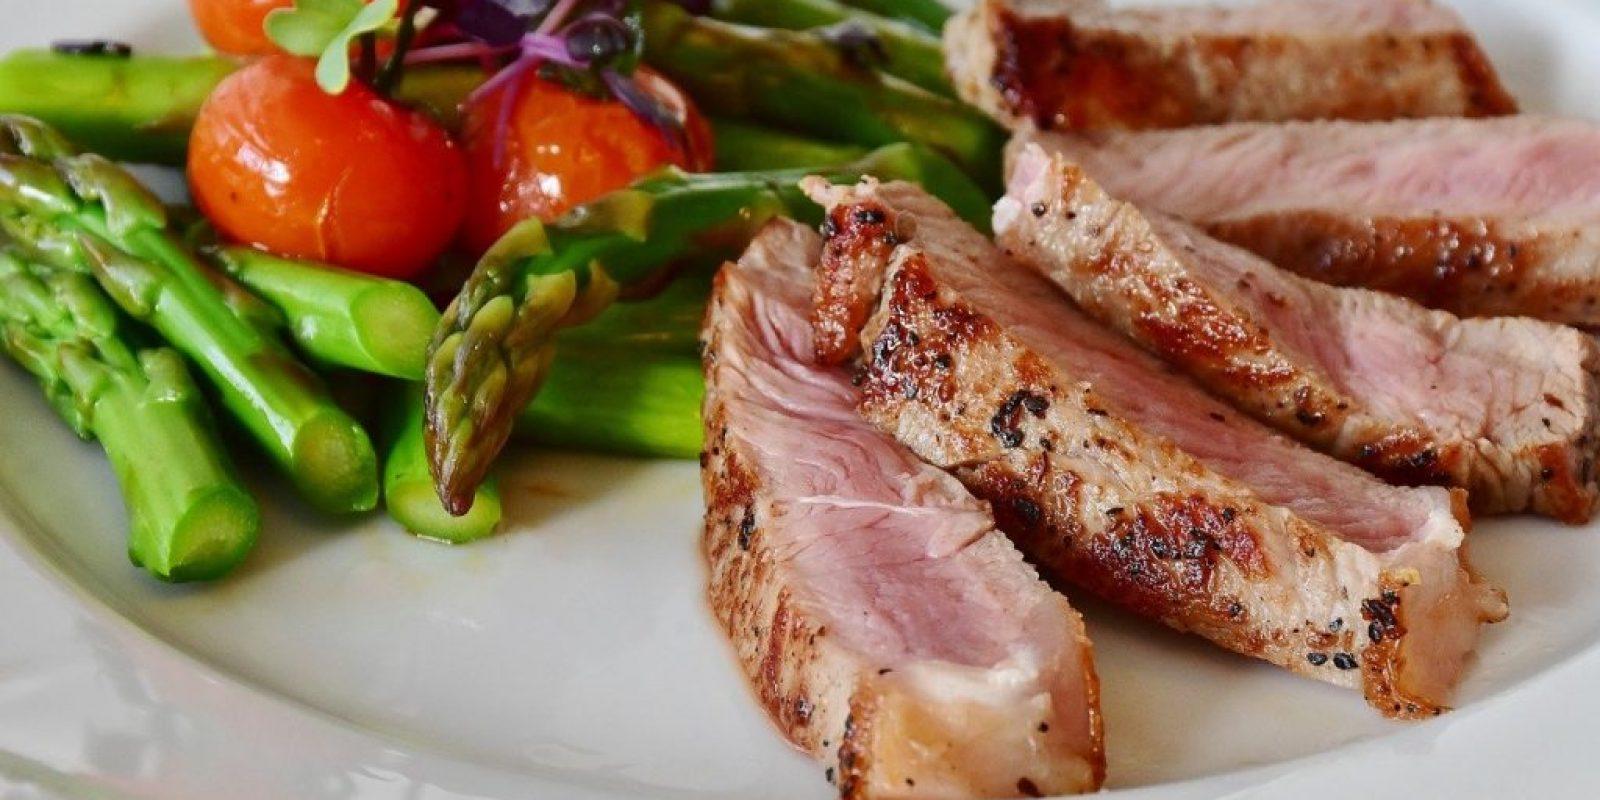 healthy meal asparagus steak